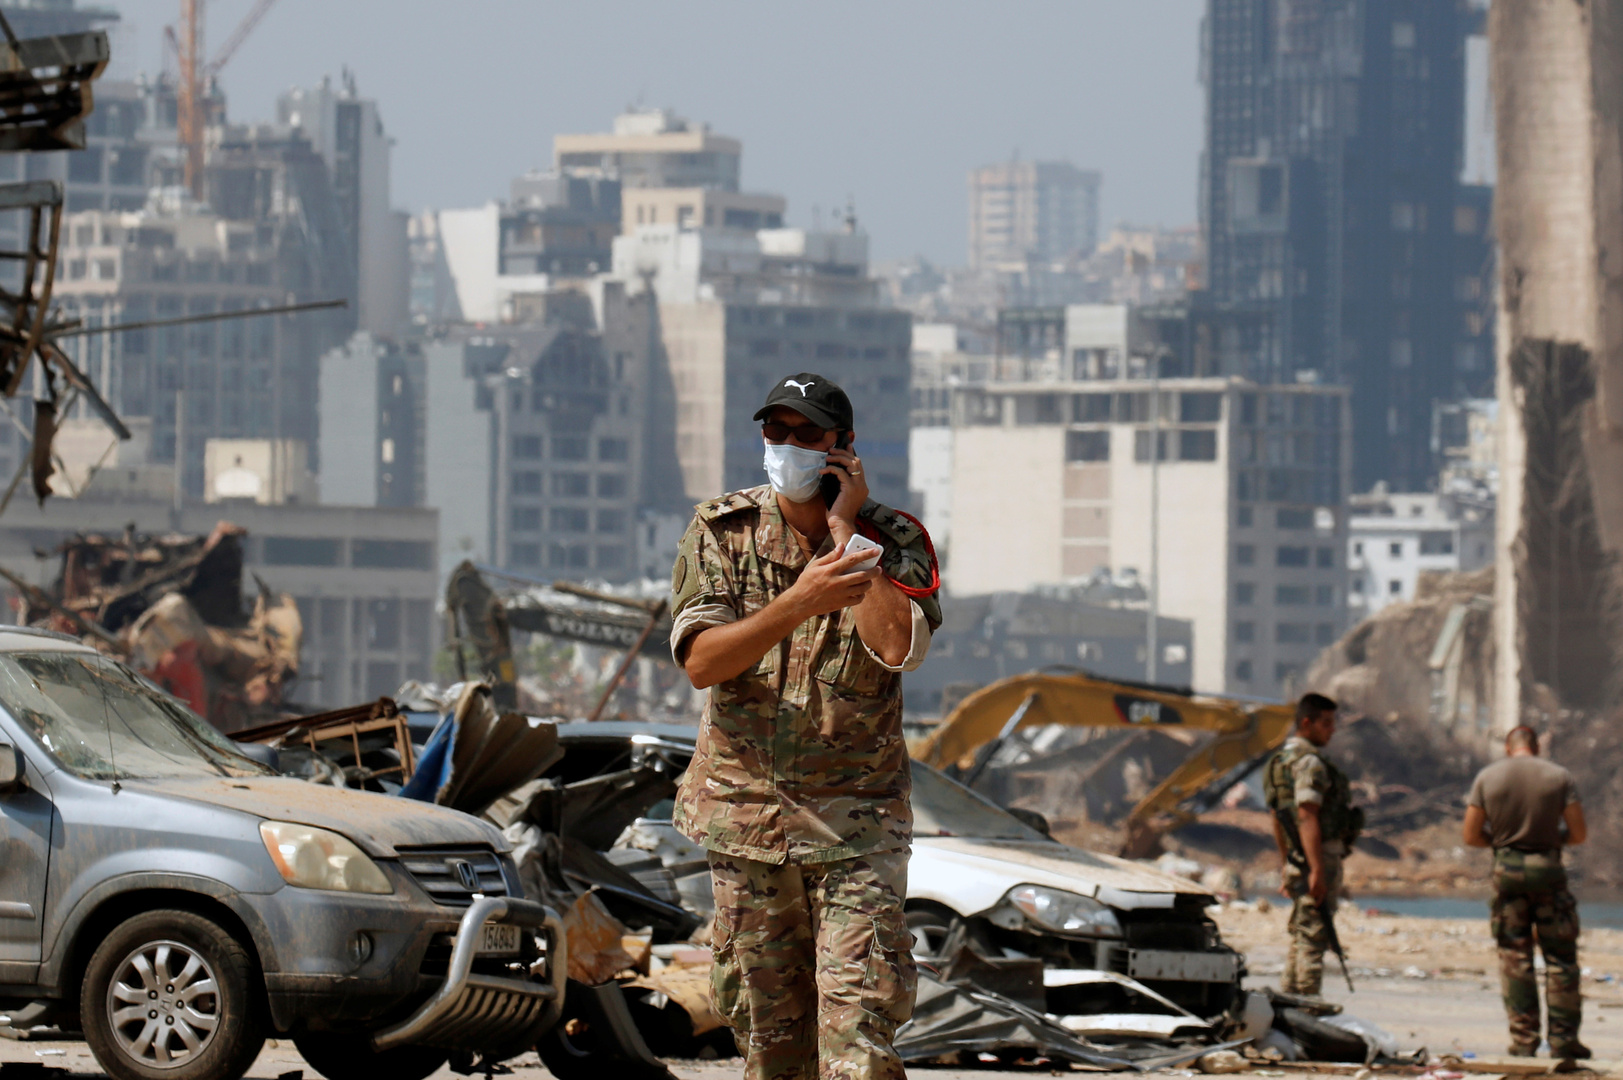 الجيش اللبناني: لا يزال هناك 9 مفقودين جراء انفجار مرفأ بيروت